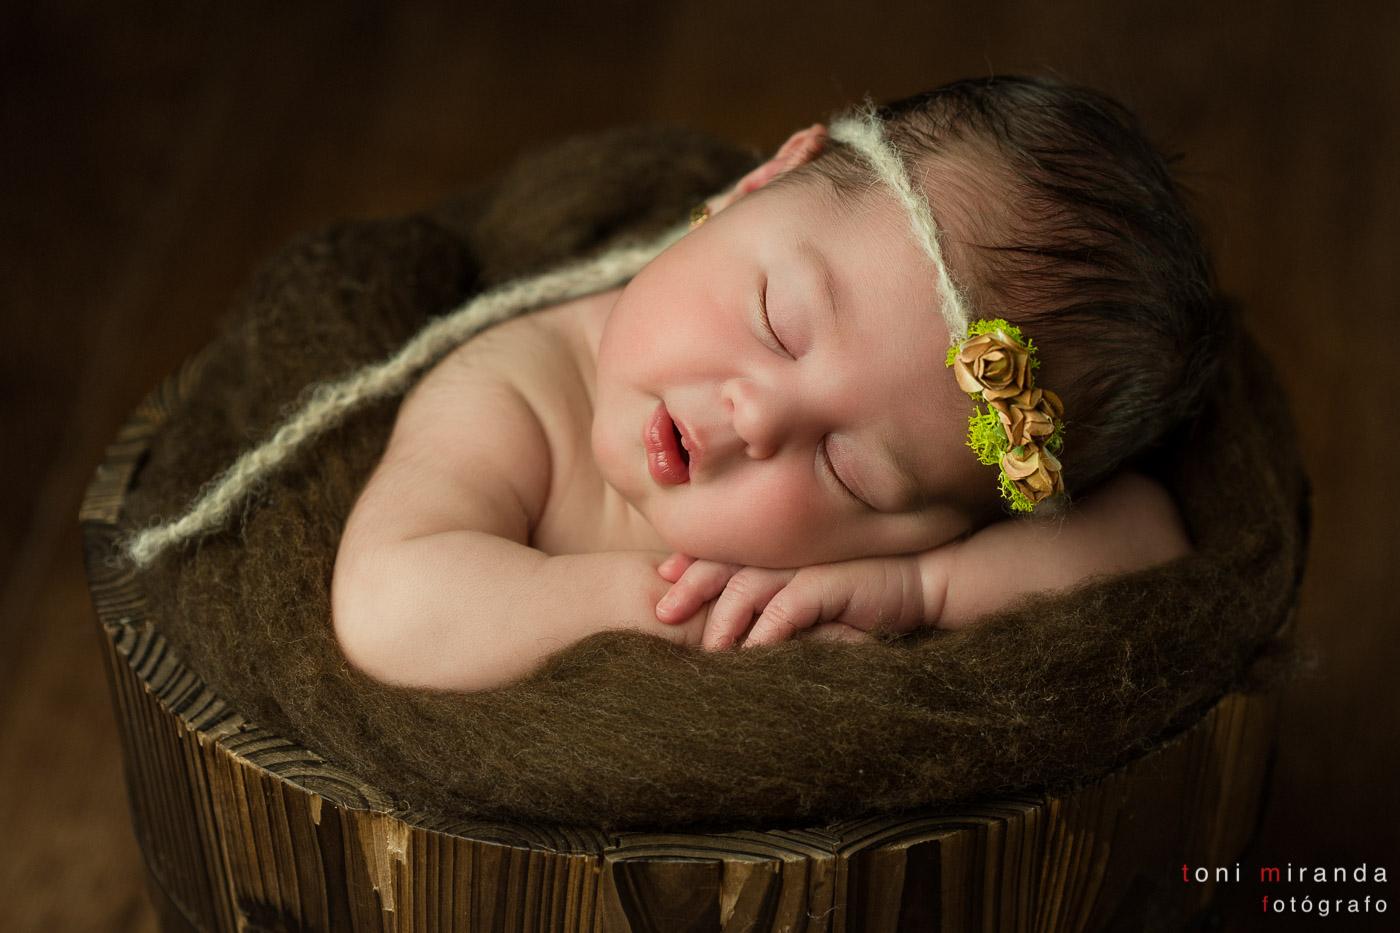 bebe recién nacida dentro de cubo de madera